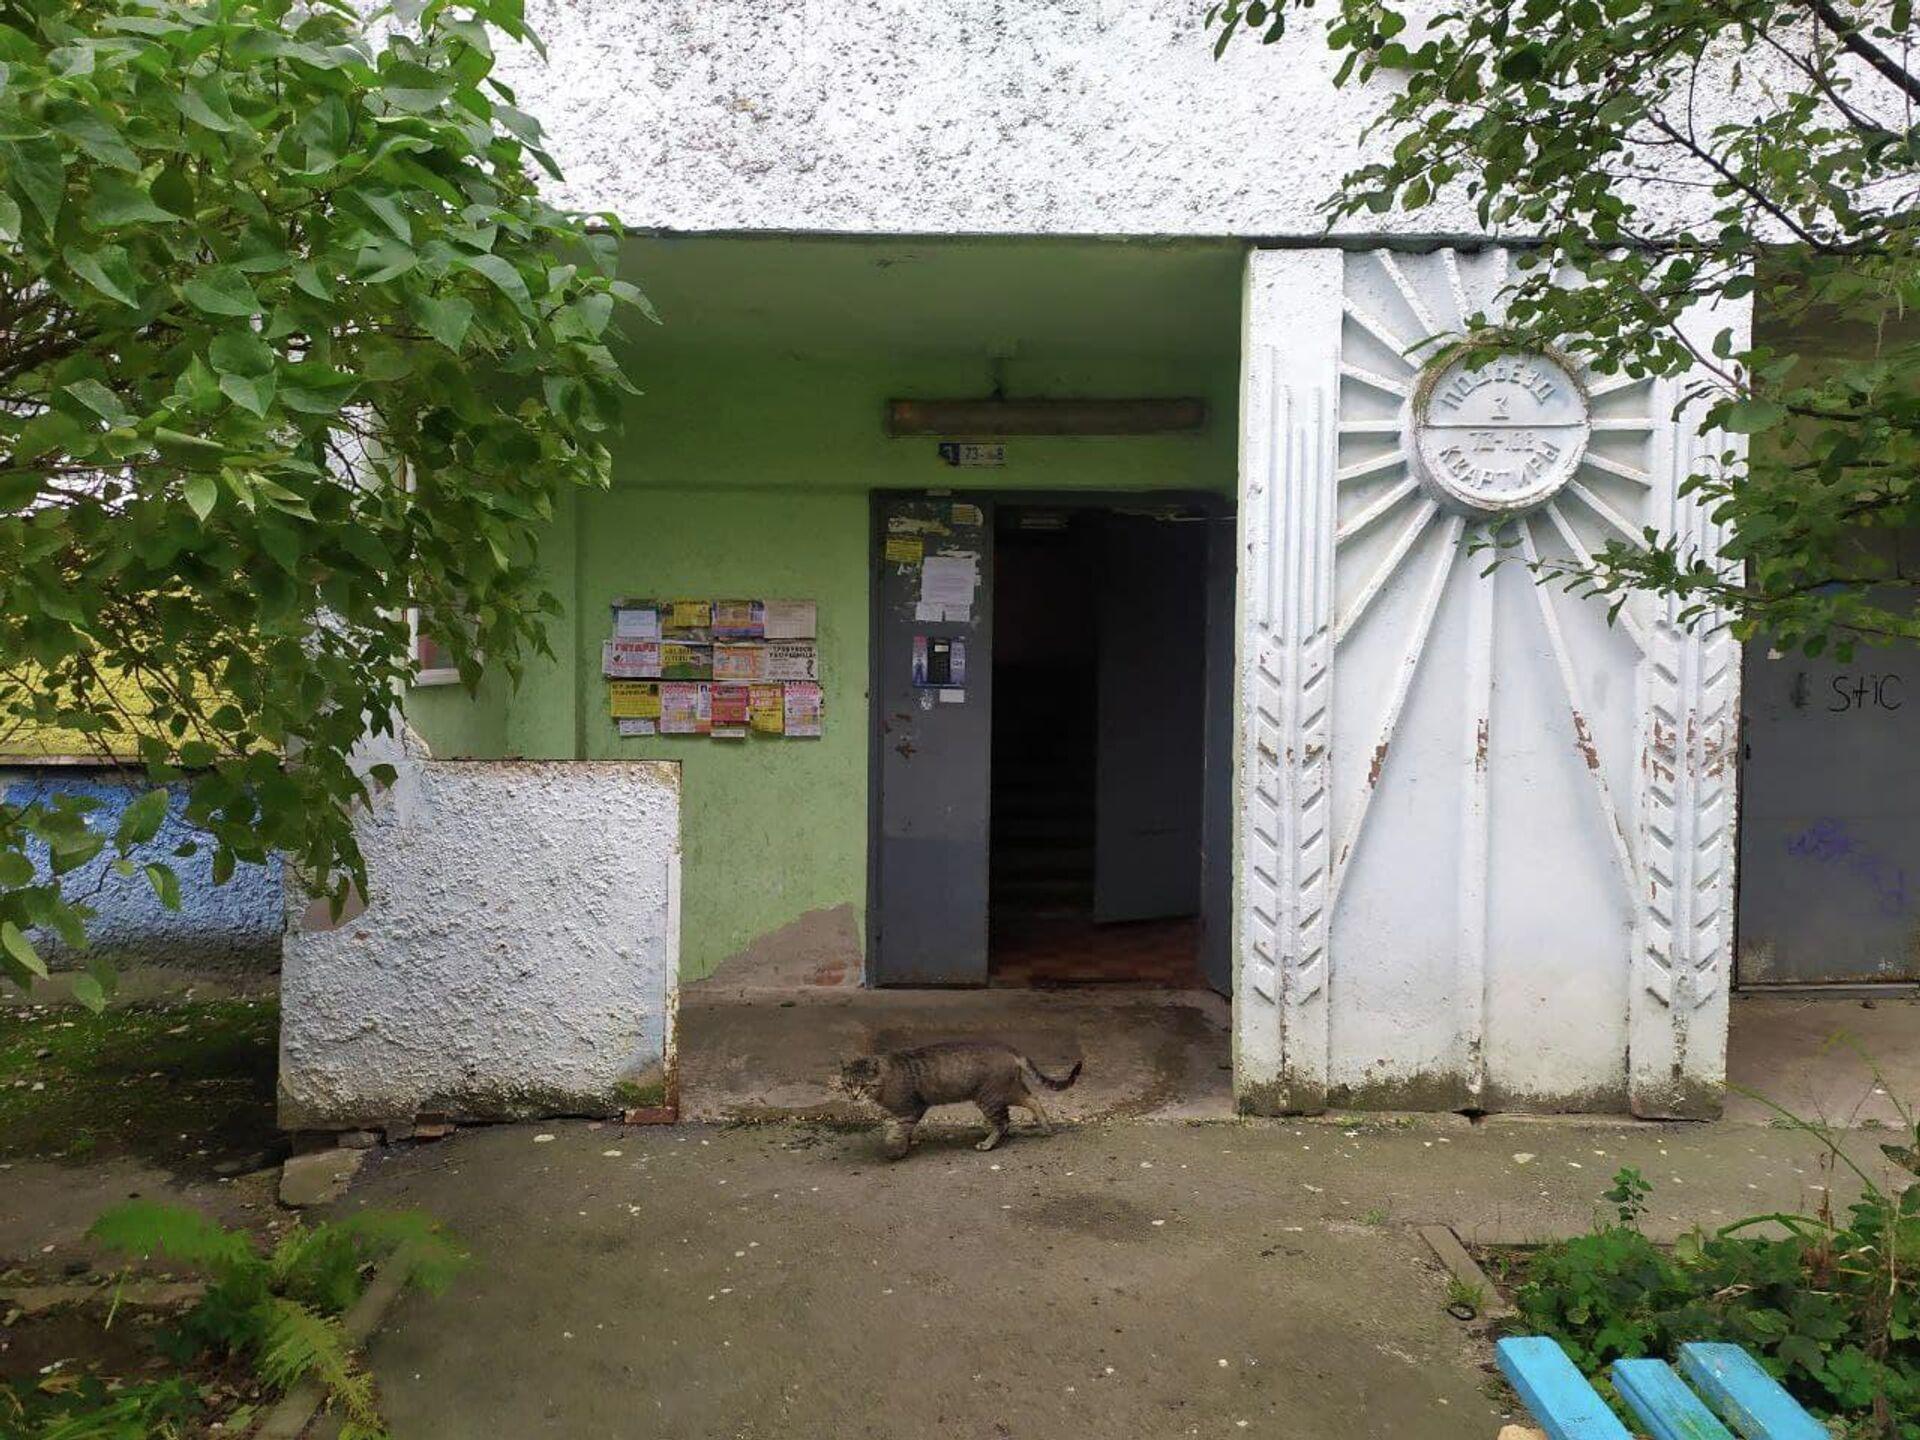 Дом по адресу Якубовского, 29, где произошел инцидент с перестрелкой - Sputnik Беларусь, 1920, 29.09.2021